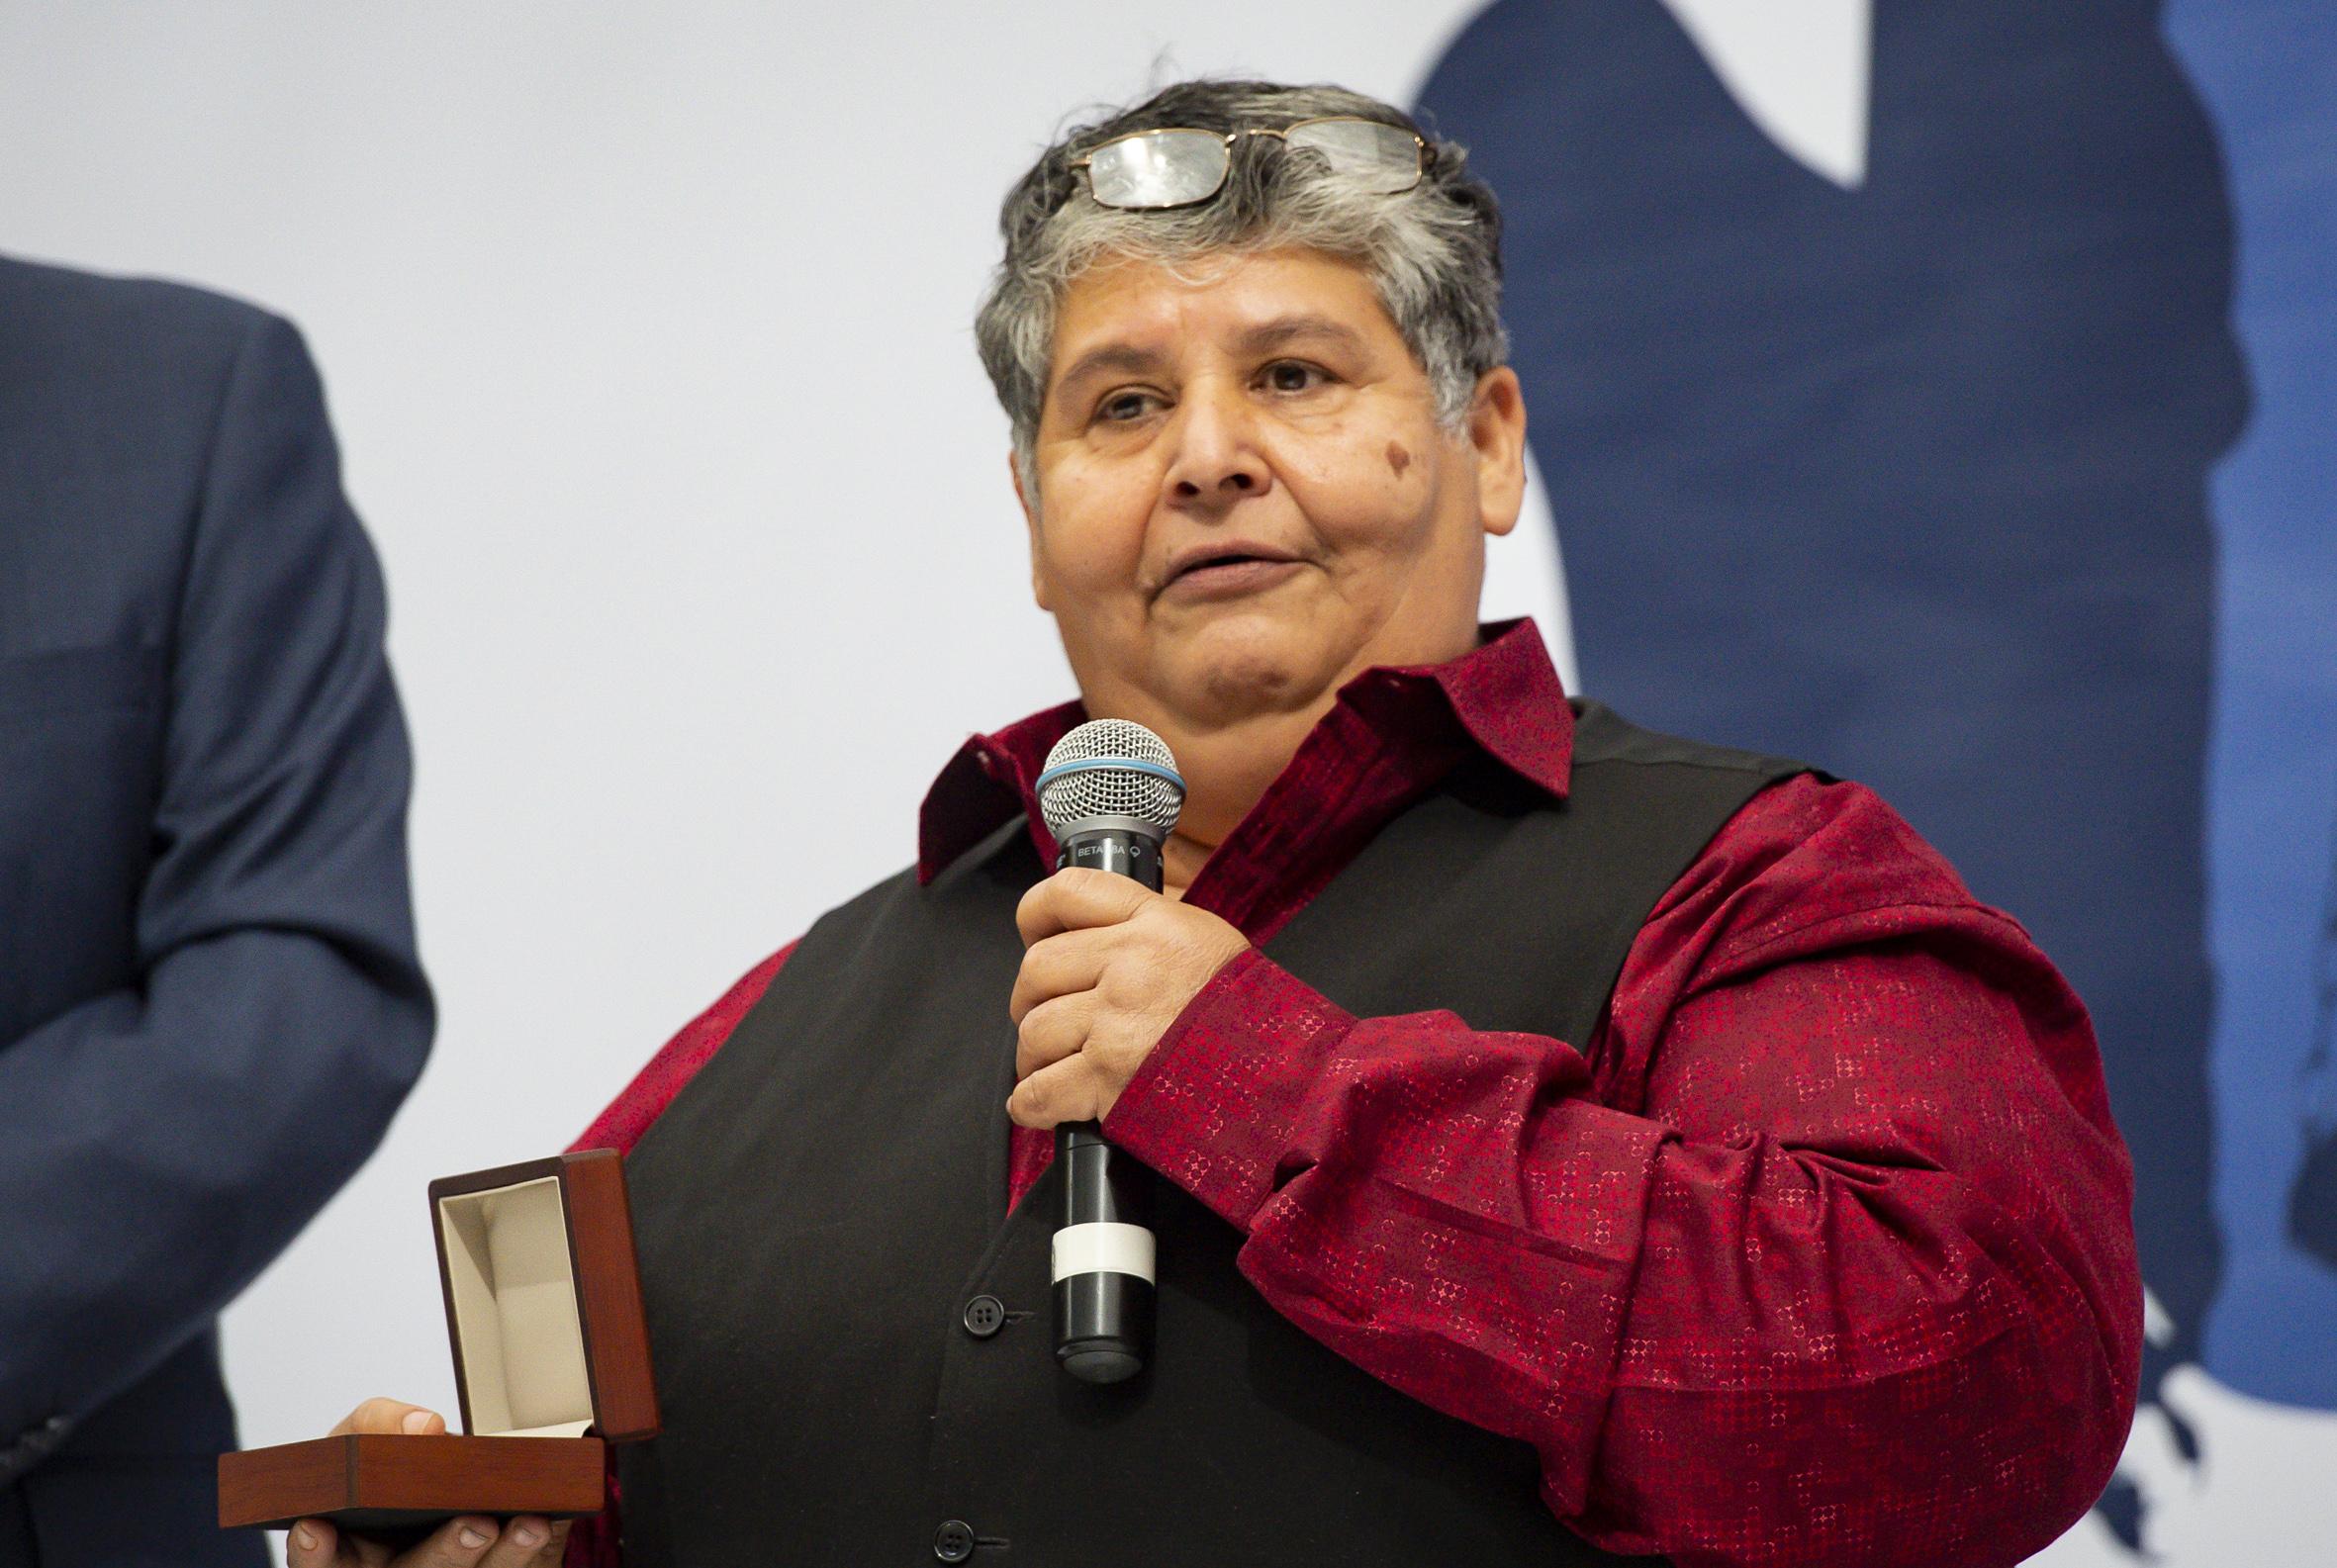 Altagracia Tamayo Madueño hablando al microfono mientras sostiene en su mano el estuche con el reconocimiento